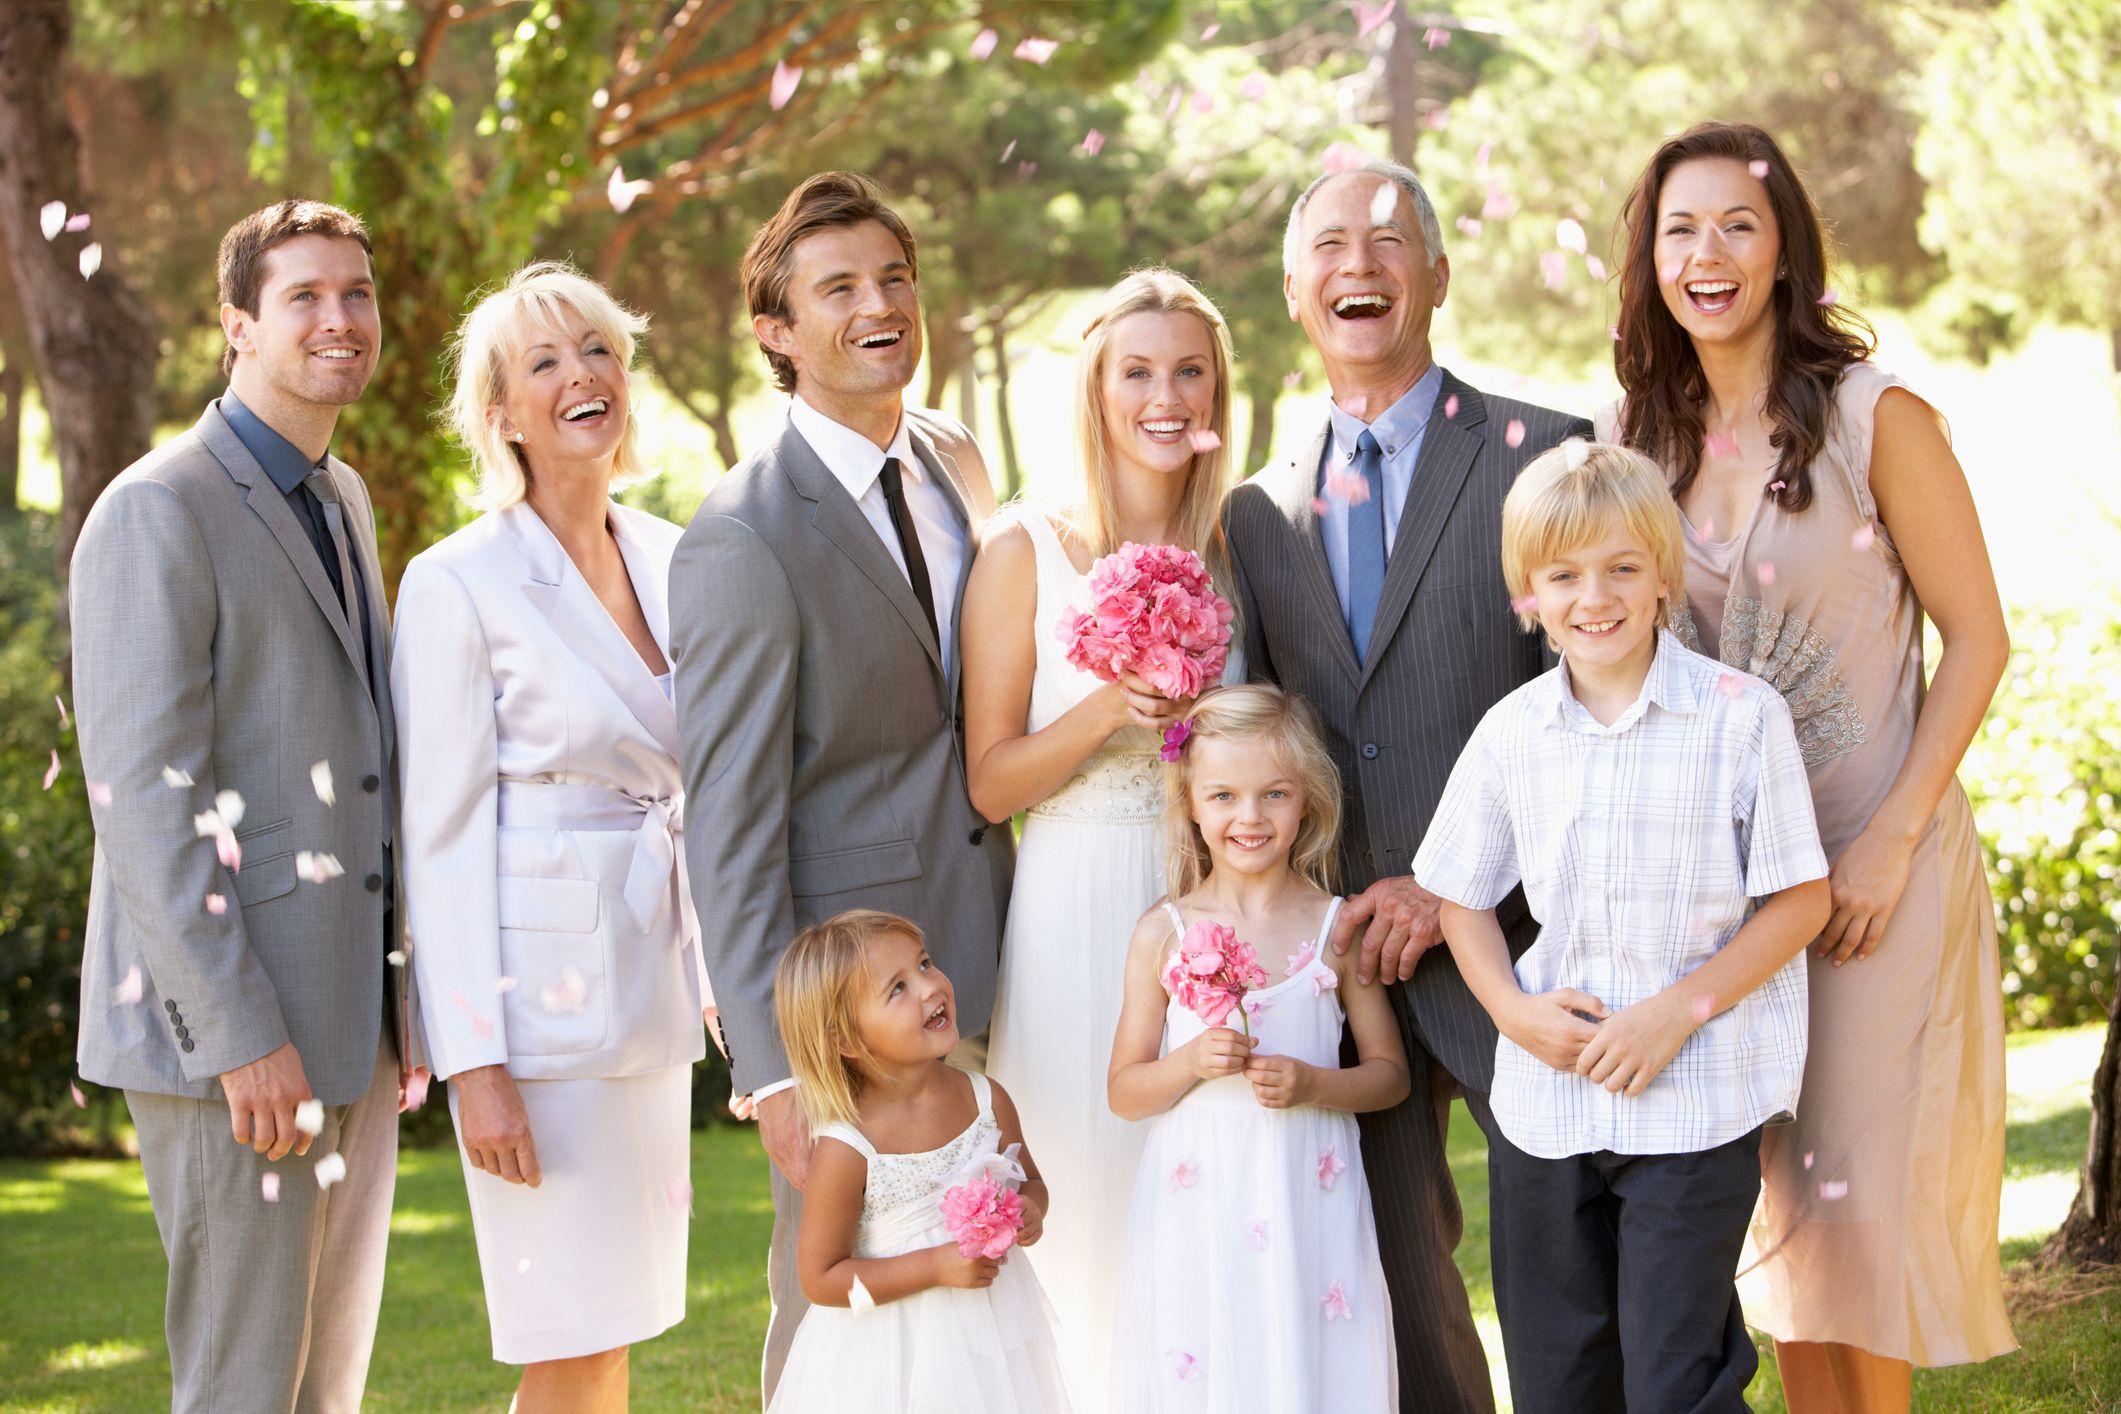 結婚式での家族写真